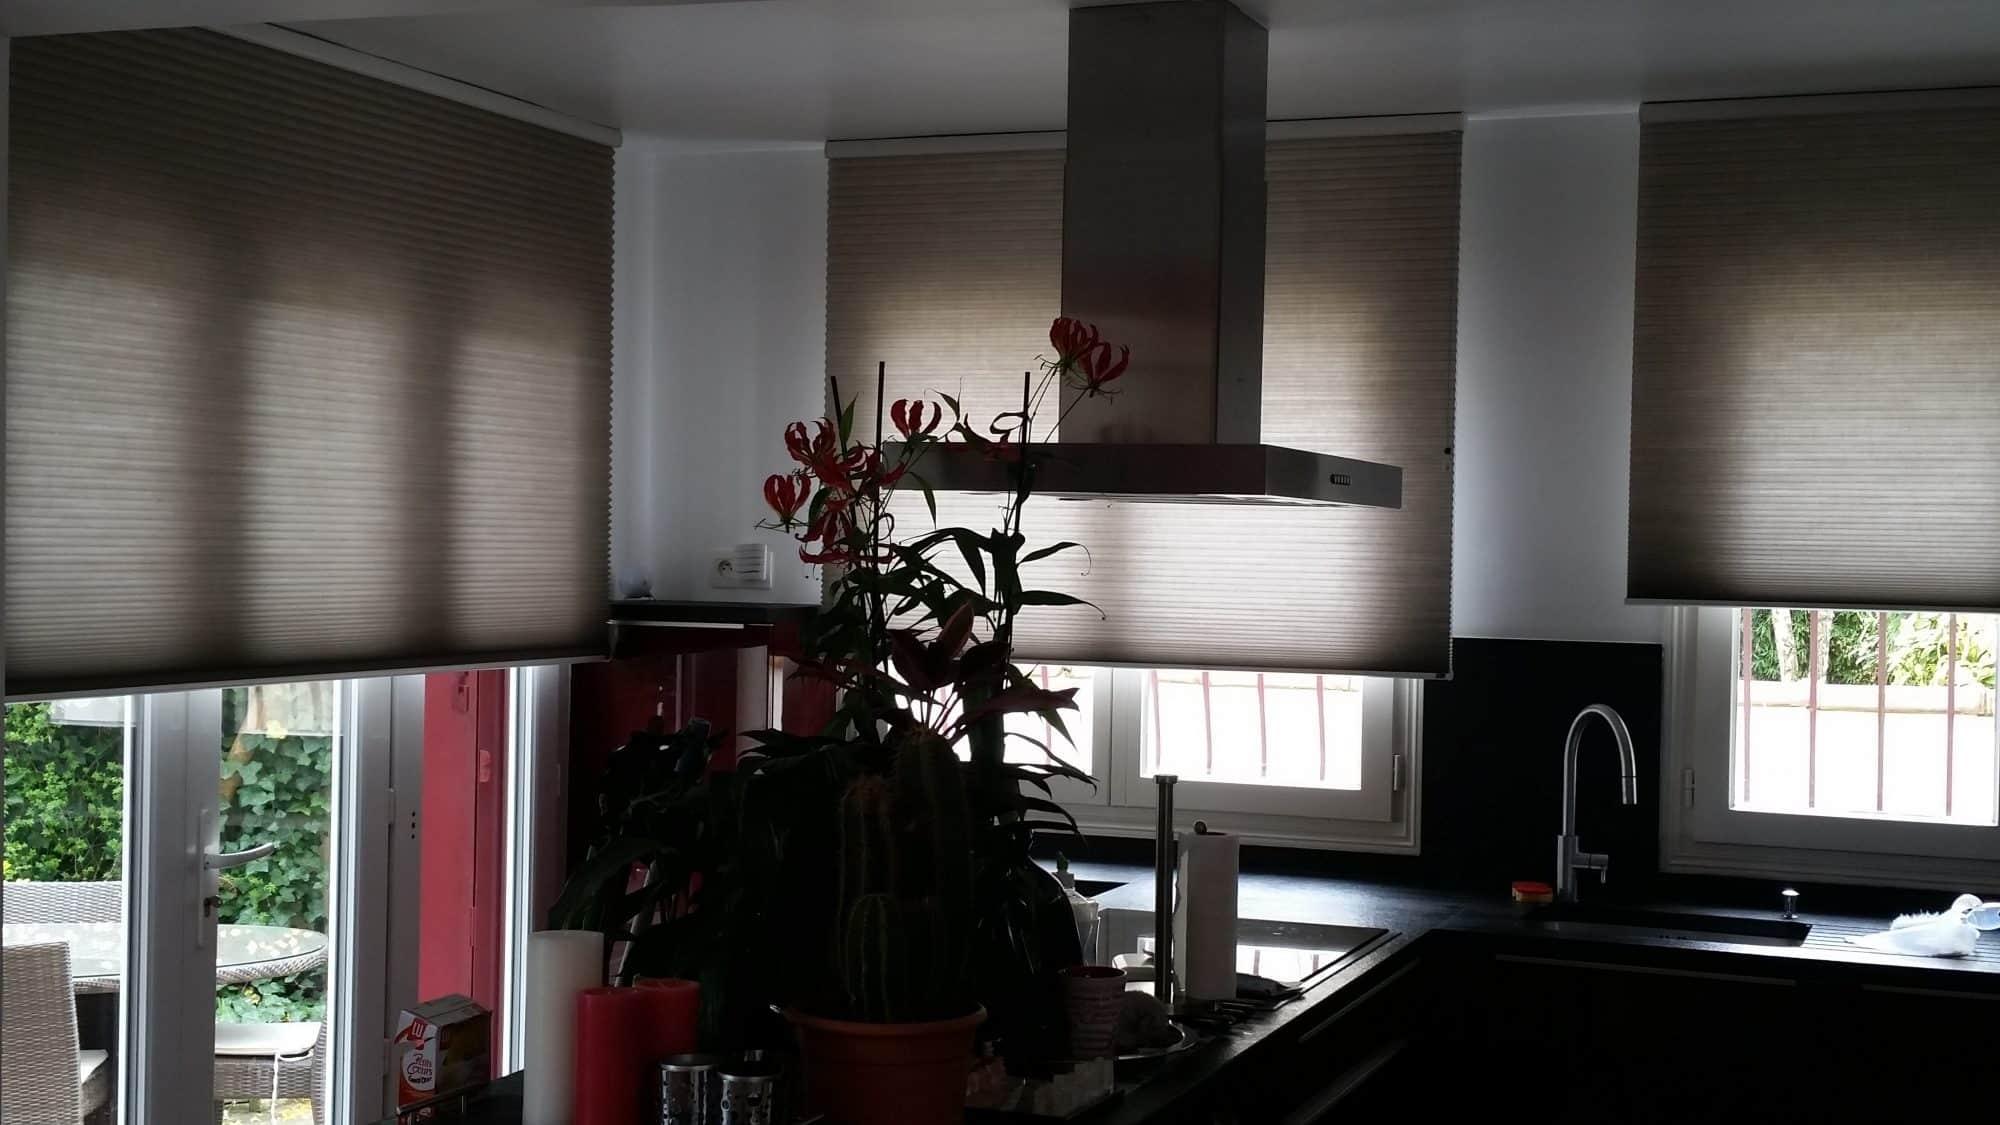 comment occulter une fenetre sans volet les volets intrieurs with comment occulter une fenetre. Black Bedroom Furniture Sets. Home Design Ideas